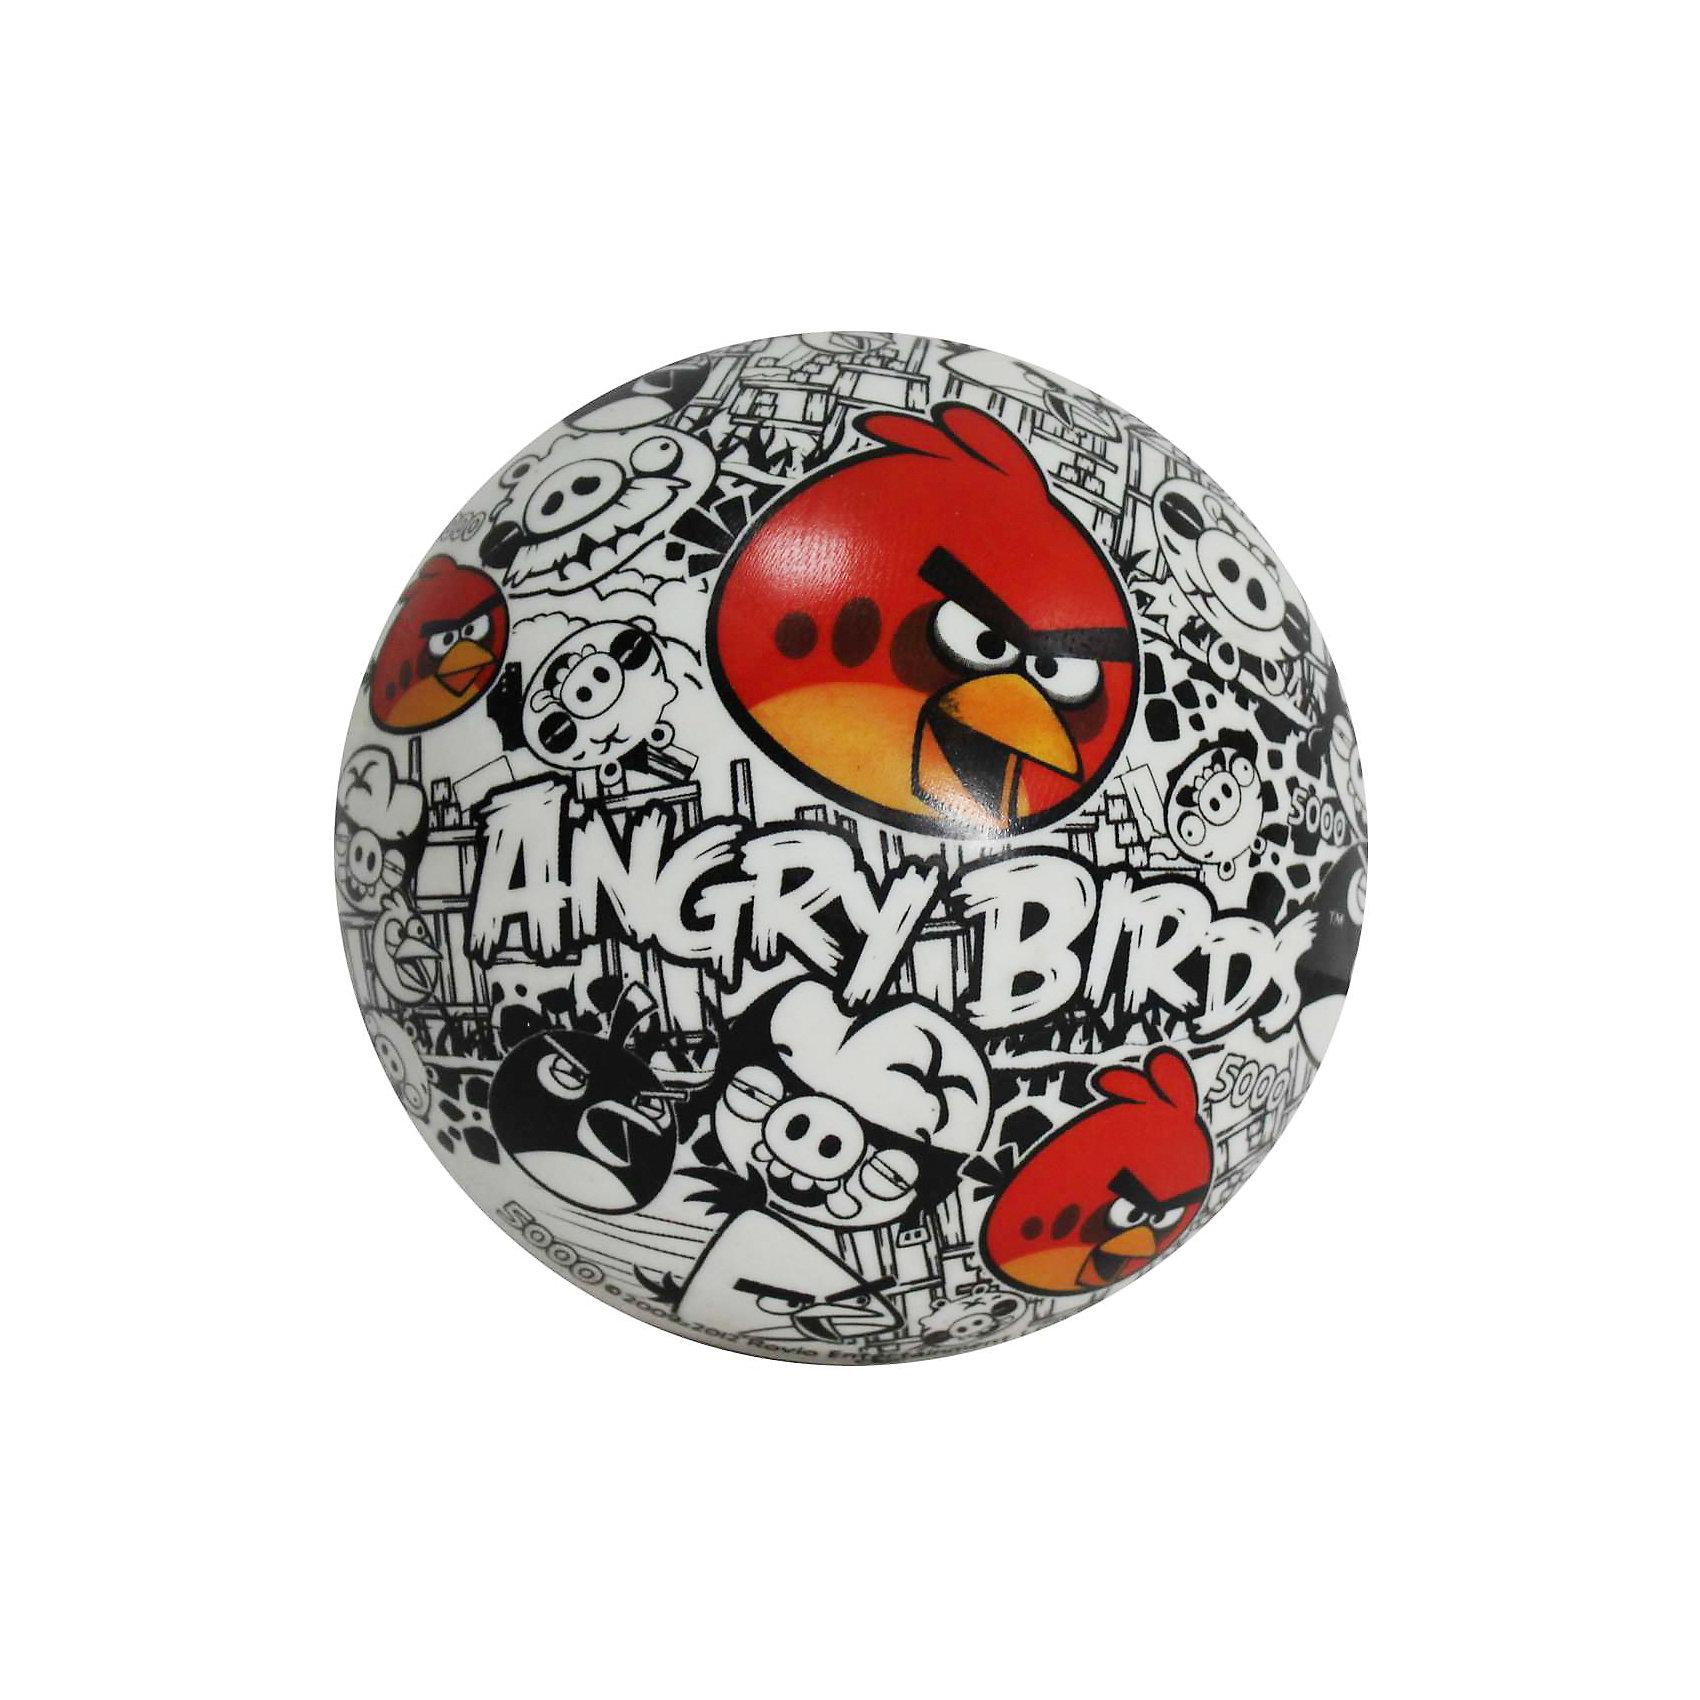 Мяч Винтаж (красно-бело-черный), 23 см, ПВХ, Angry BirdsЛетний ассортимент 1TOY пополнился новой коллекцией мячей ПВХ с дизайнами Angry Birds от всемирно известного бренда МОНДО. Надувной детский мяч с дизайном из компьютерной игры «Angry Birds» сделан из прочного и надежного материала, устойчивого к повреждениям, выцветанию, воздействию соленой воды. Размер мяча: 14 см.<br><br>Ширина мм: 230<br>Глубина мм: 230<br>Высота мм: 230<br>Вес г: 135<br>Возраст от месяцев: 36<br>Возраст до месяцев: 192<br>Пол: Унисекс<br>Возраст: Детский<br>SKU: 4767342